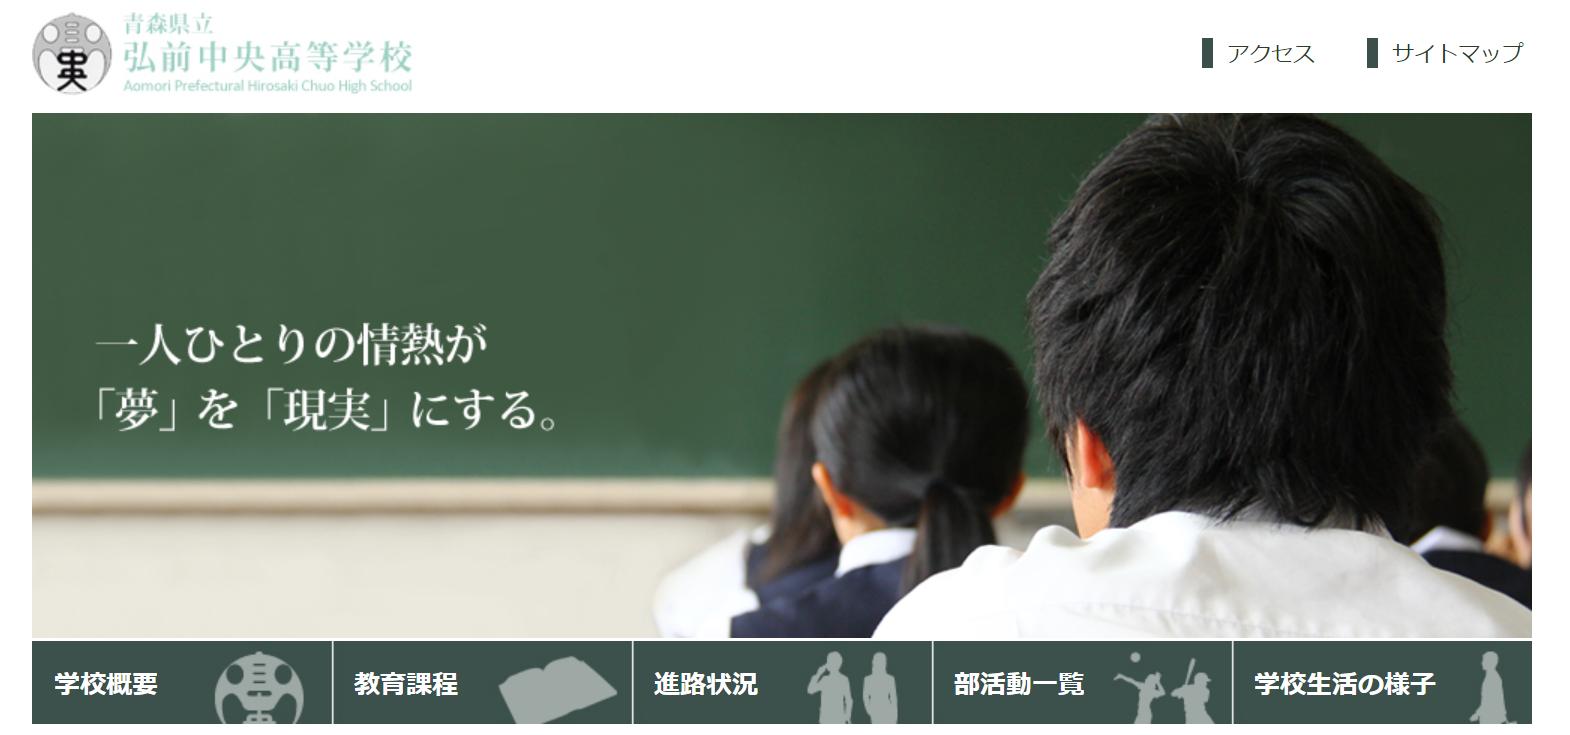 弘前中央高校の口コミ・評判